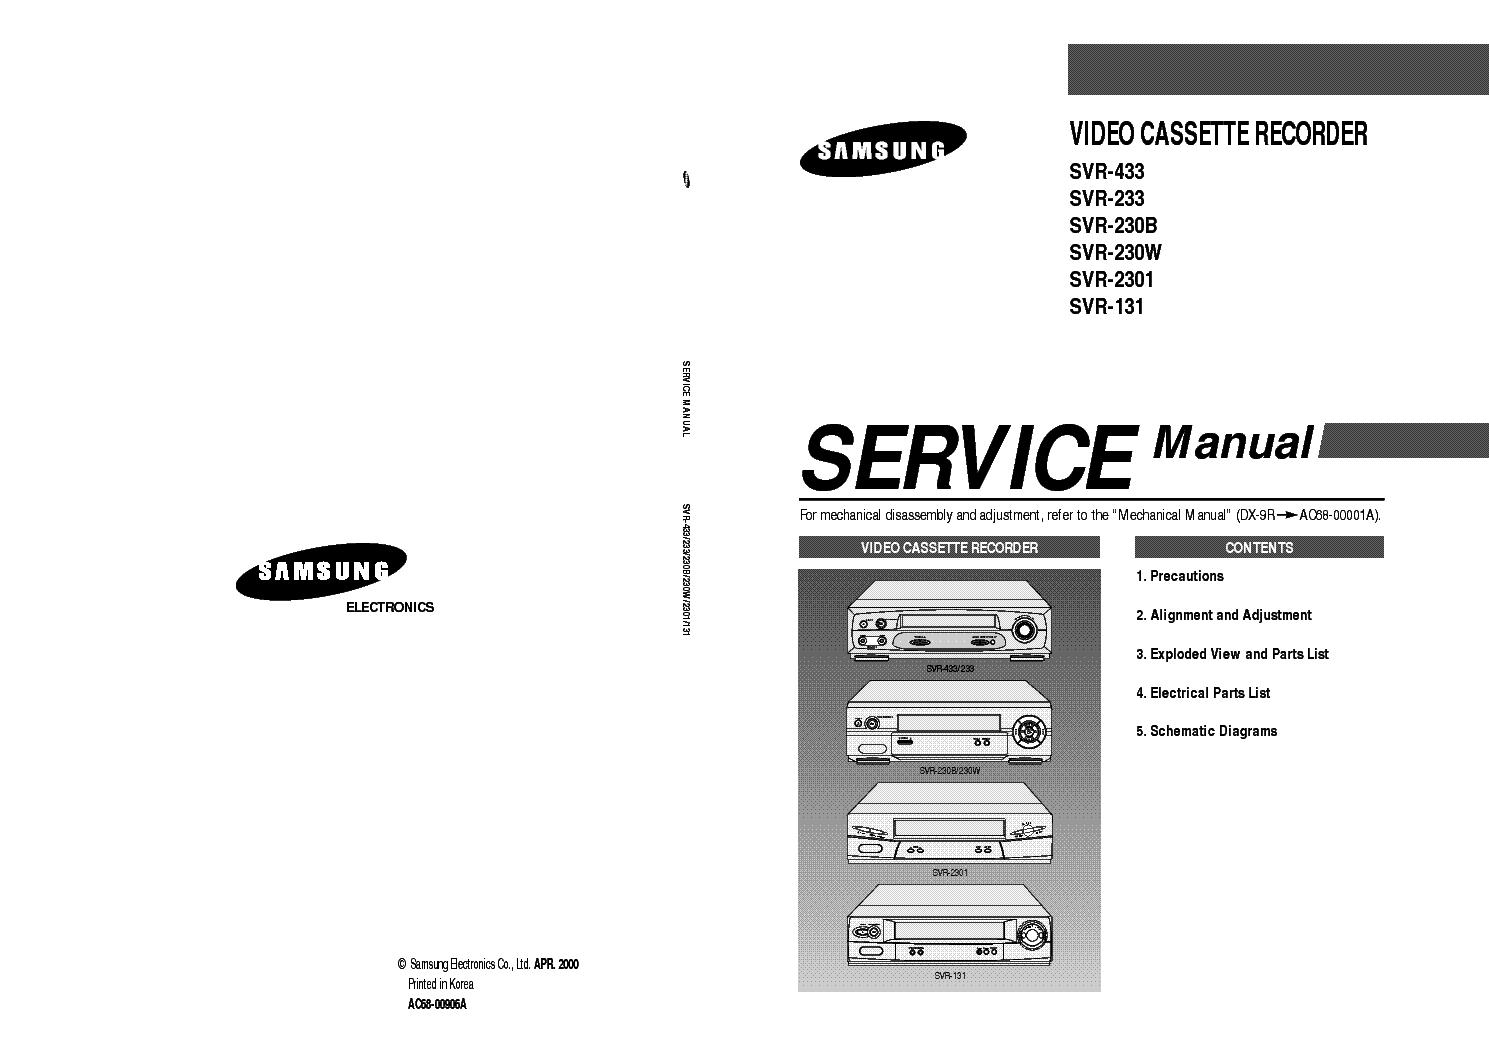 ...инструкция по ремонту, service manual Samsung, сервисная инструкция самсунг, schematic diagram, схема, на.